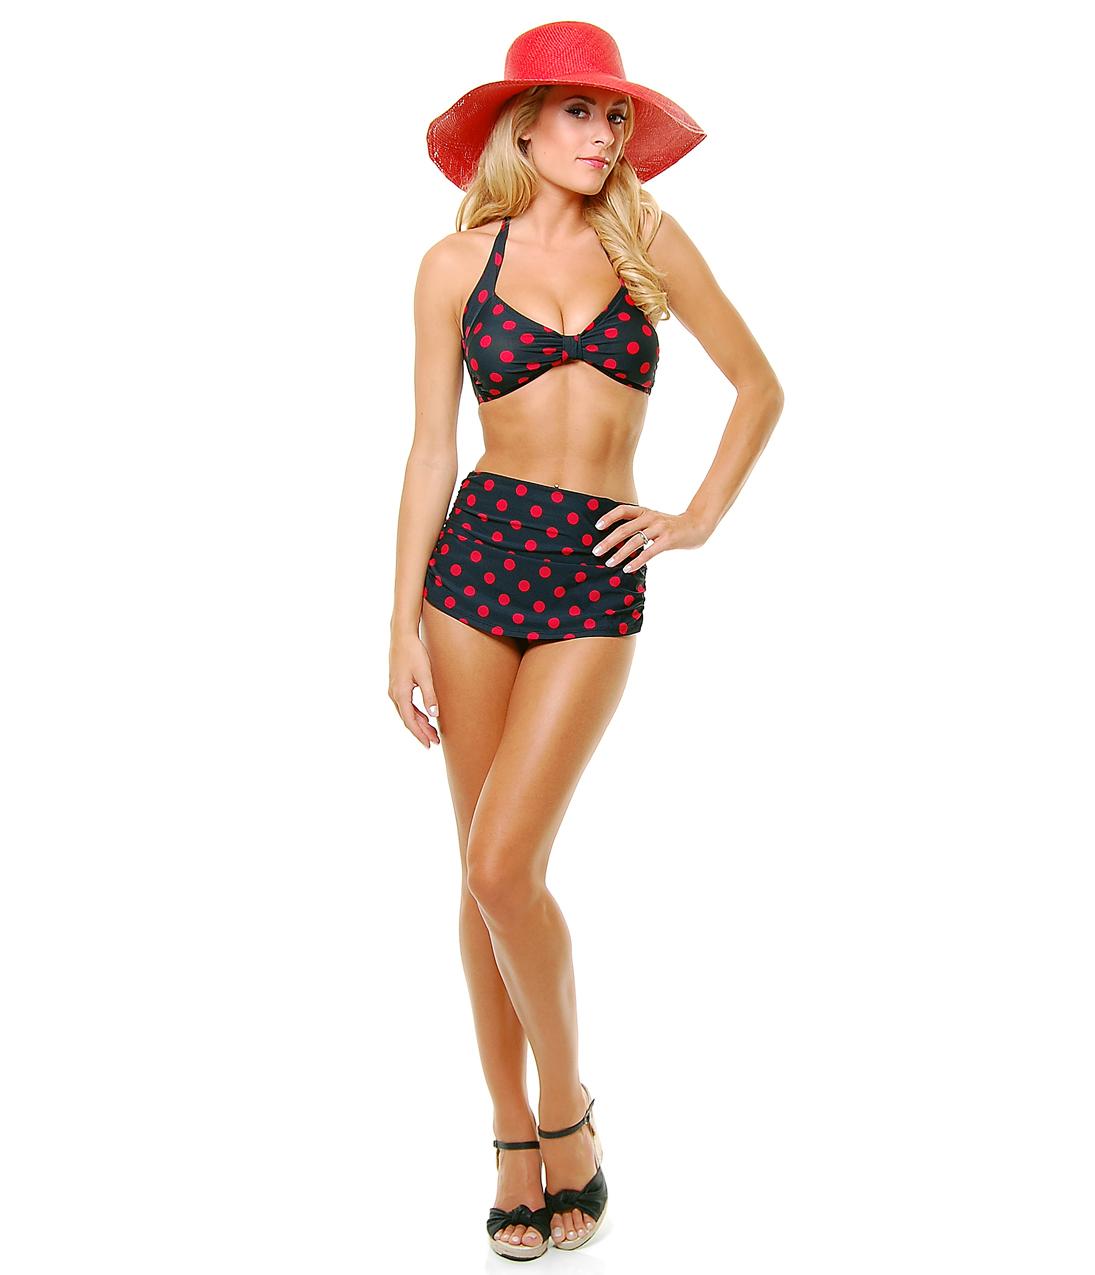 BEST SELLER! Vintage Inspired Swimsuit 50's Style Black ...